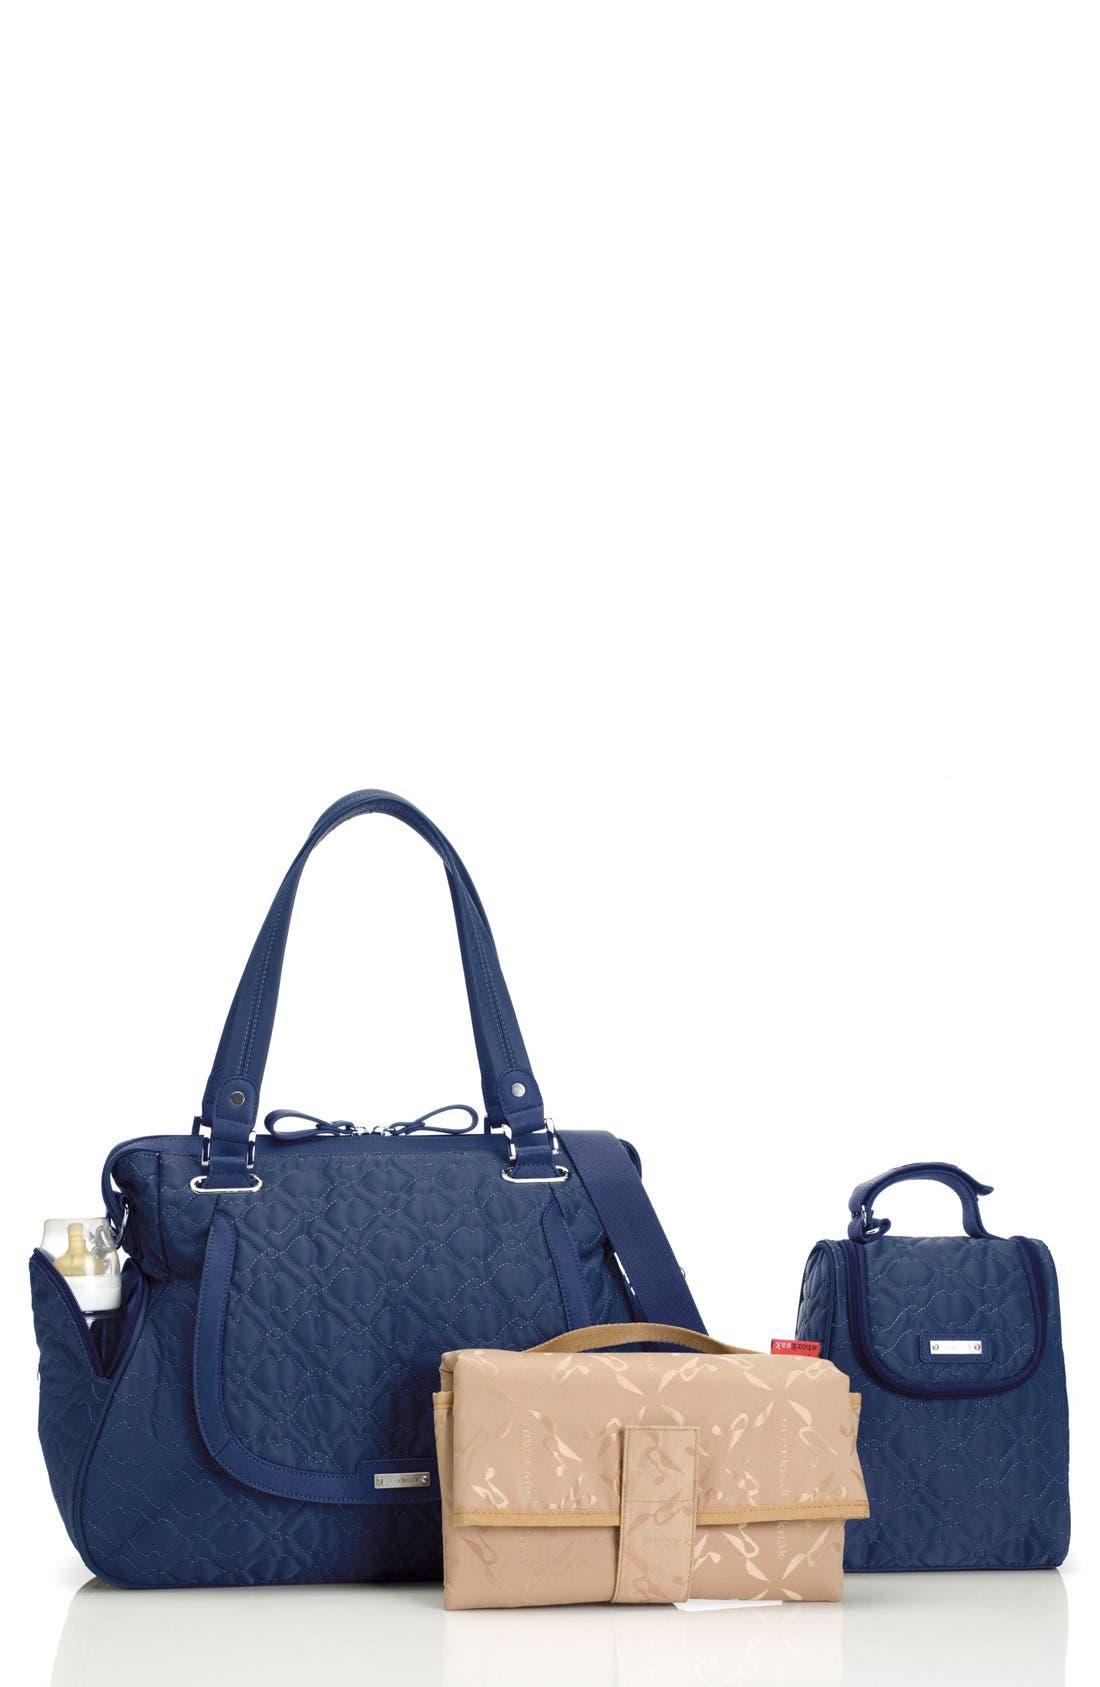 Storksak 'Anna' Diaper Bag